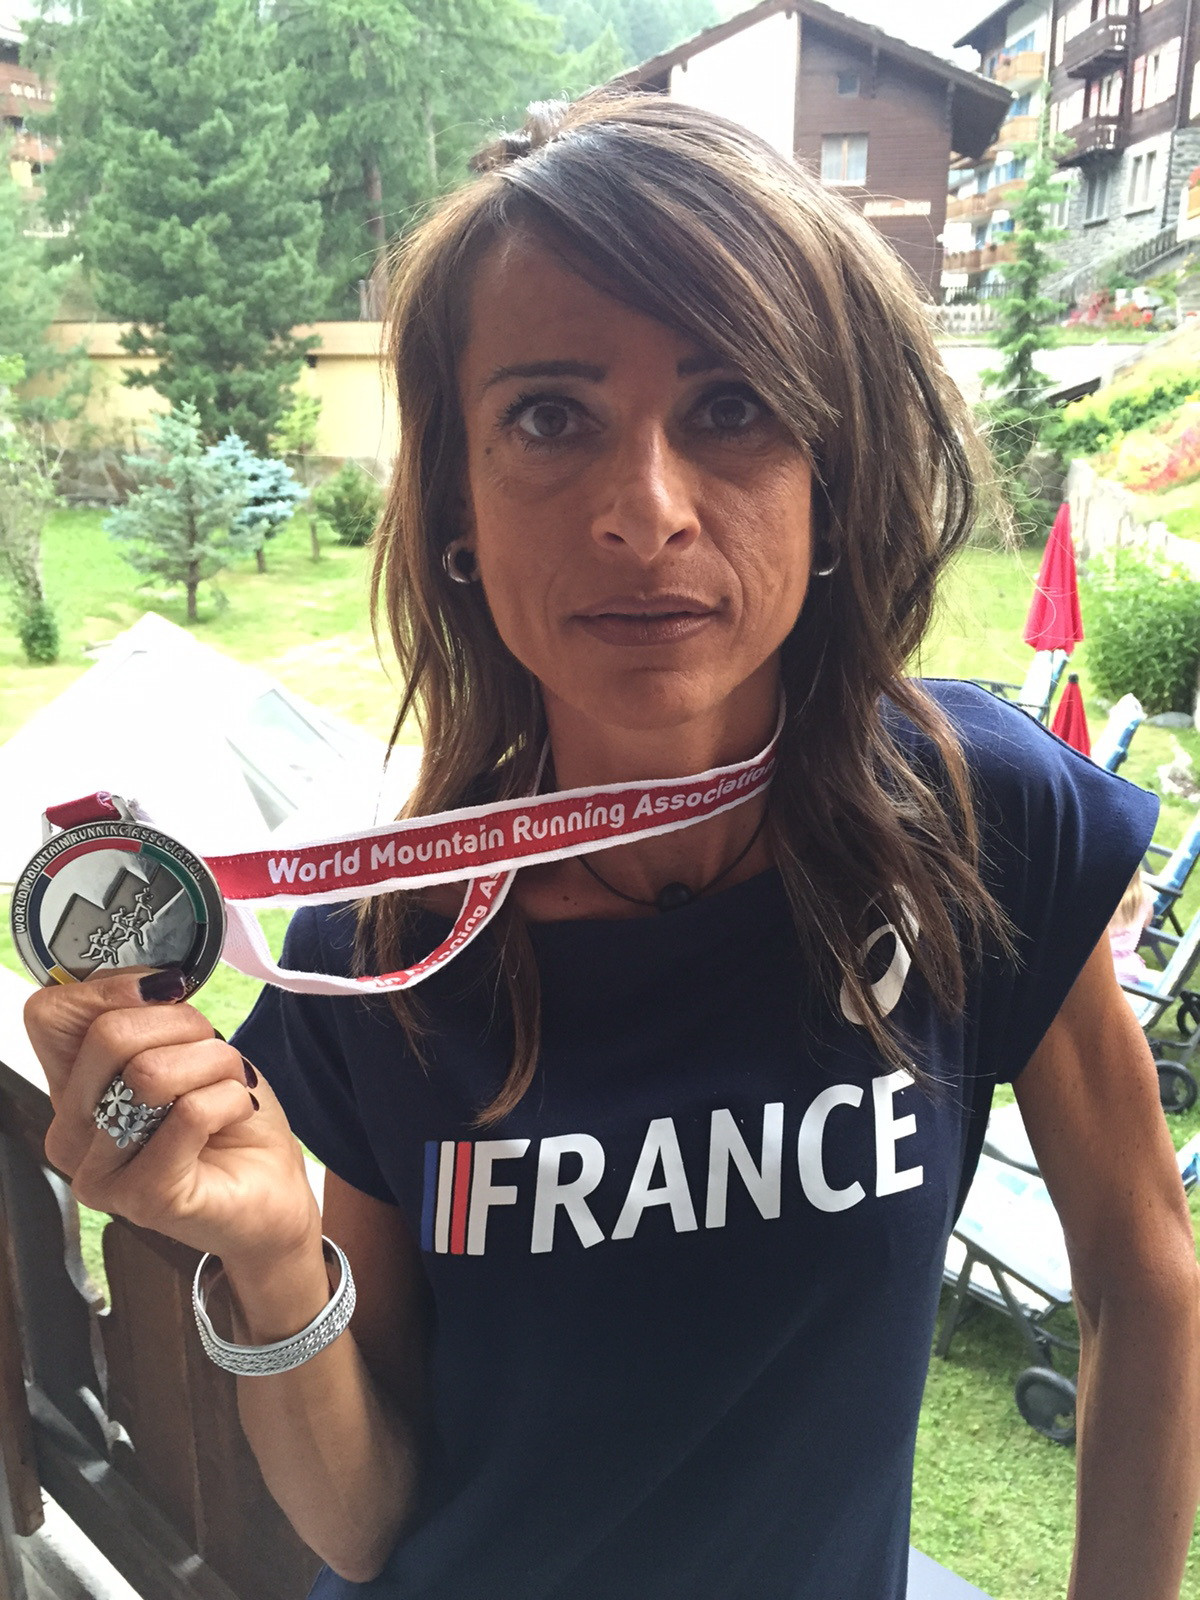 photo 2 - ZERMATT MARATHON (SUISSE) : ALINE CAMBOULIVES, VICE-CHAMPIONNE DU MONDE DE COURSE EN MONTAGNE LONGUE DISTANCE ! / 04-07-15